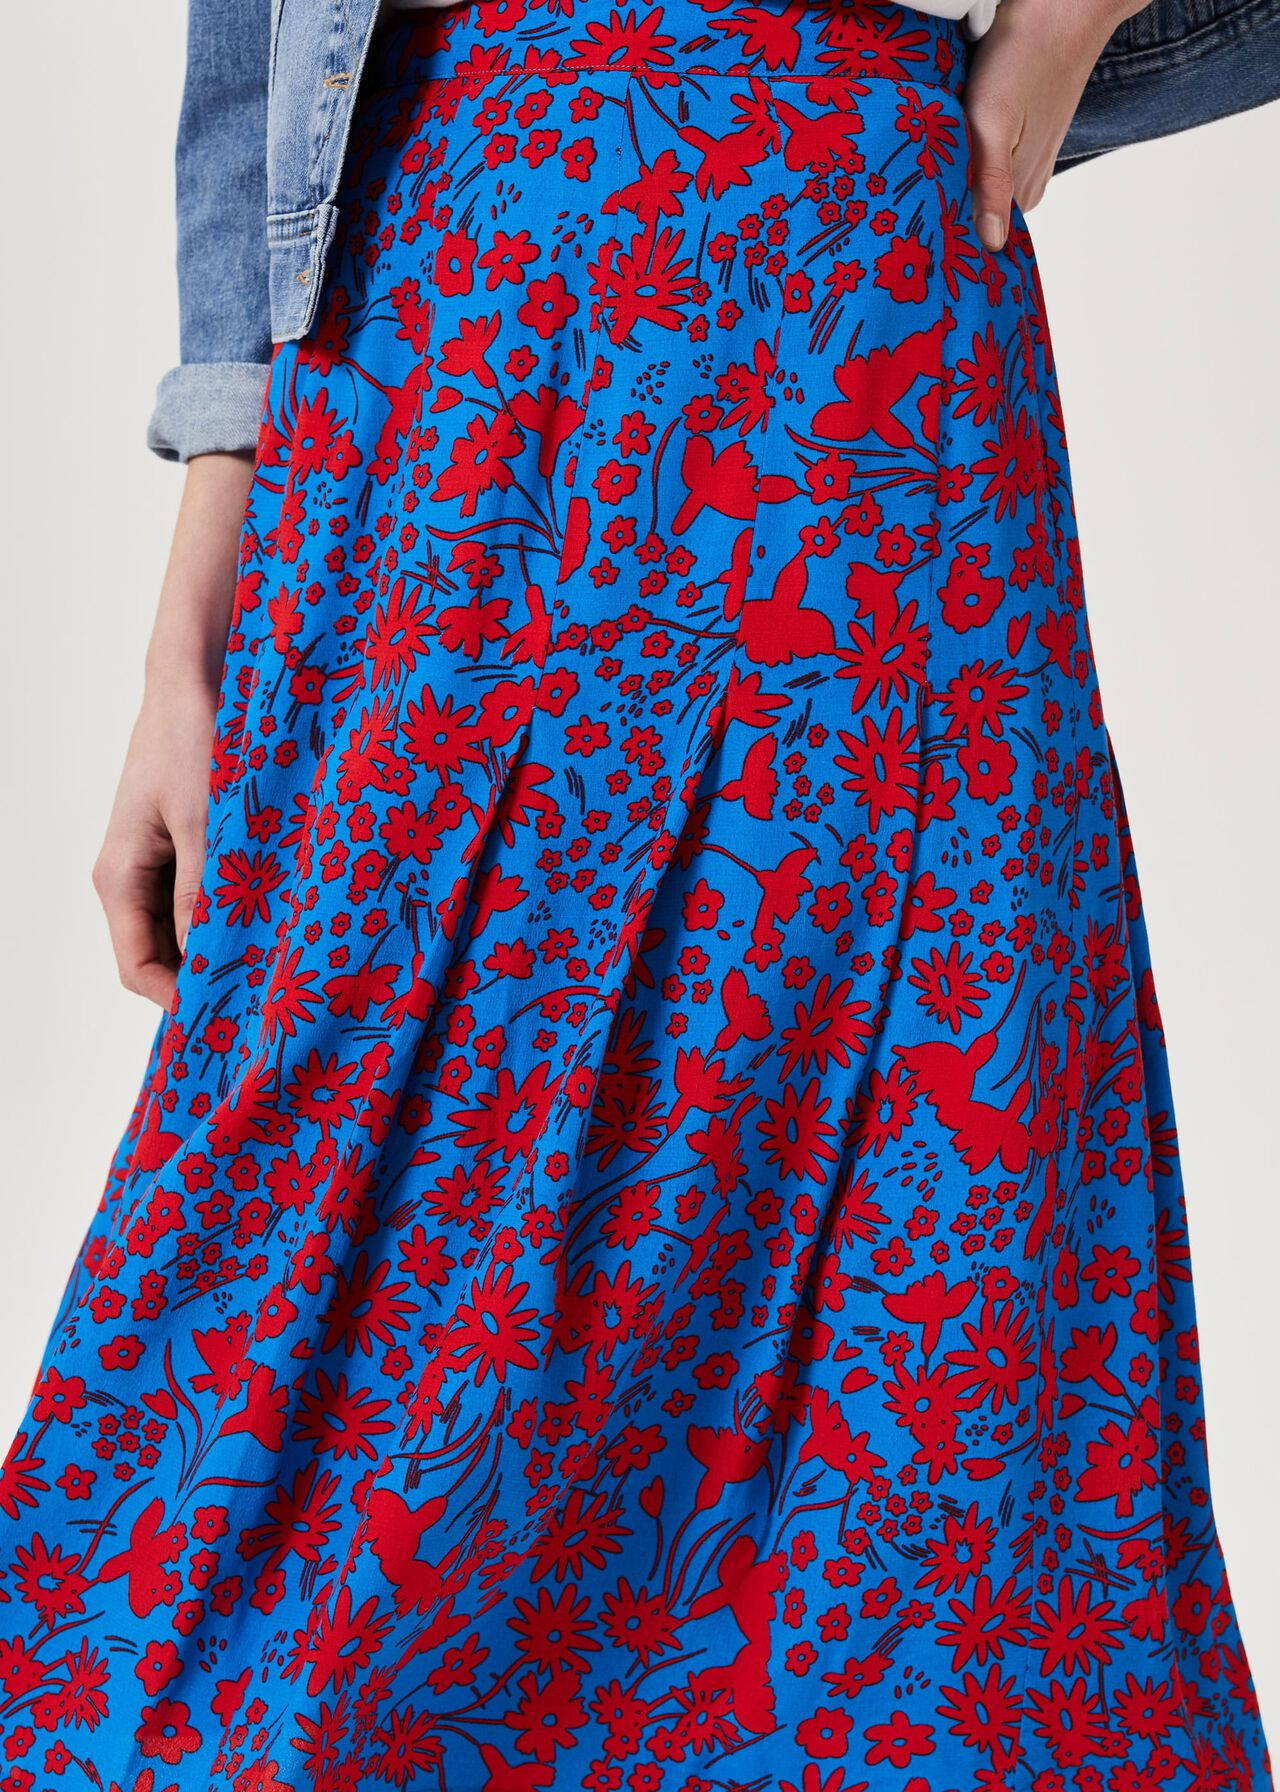 Diane Floral Midi Skirt, Red Azure Blue, hi-res